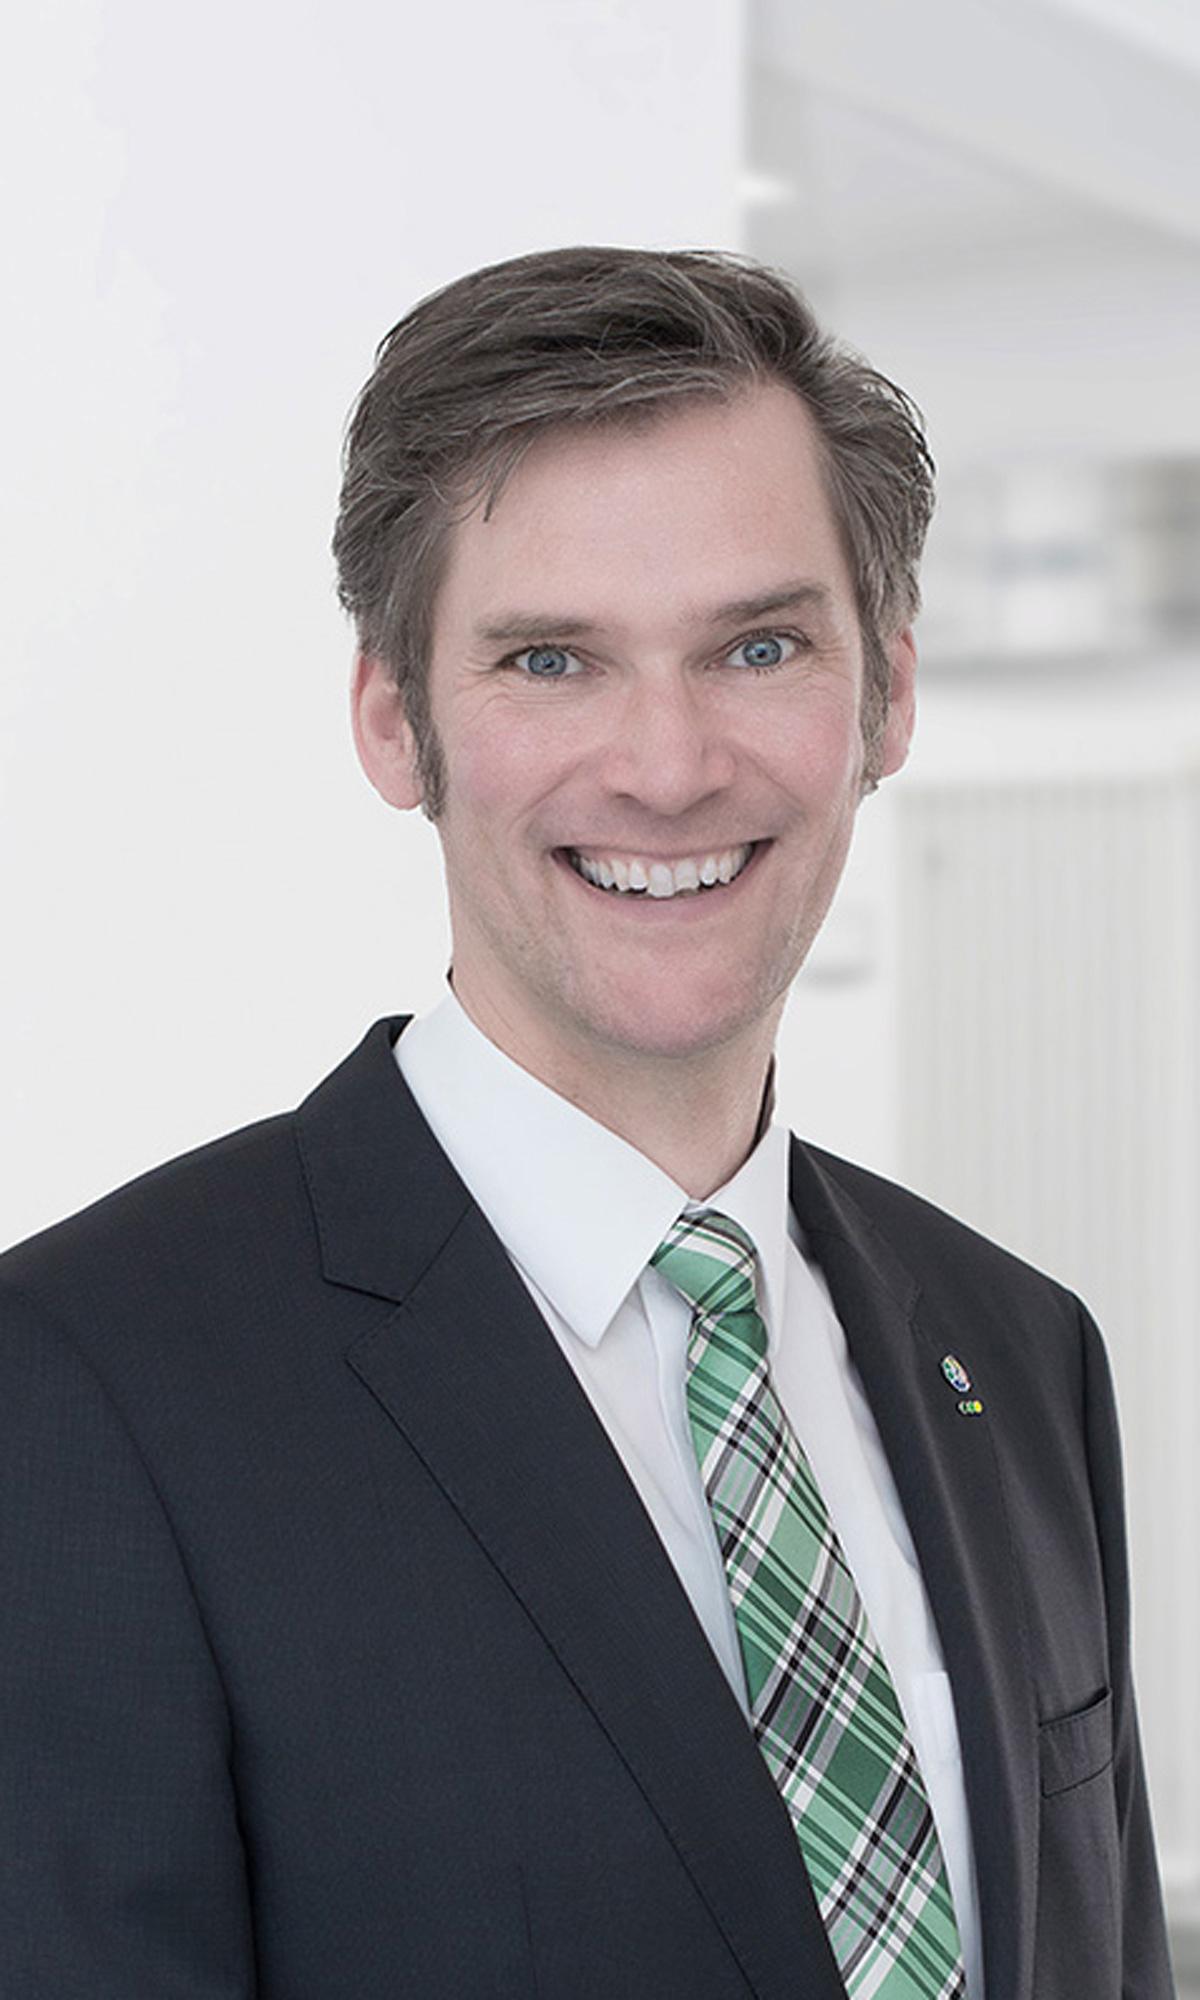 Vorstand: Uniklinik Essen